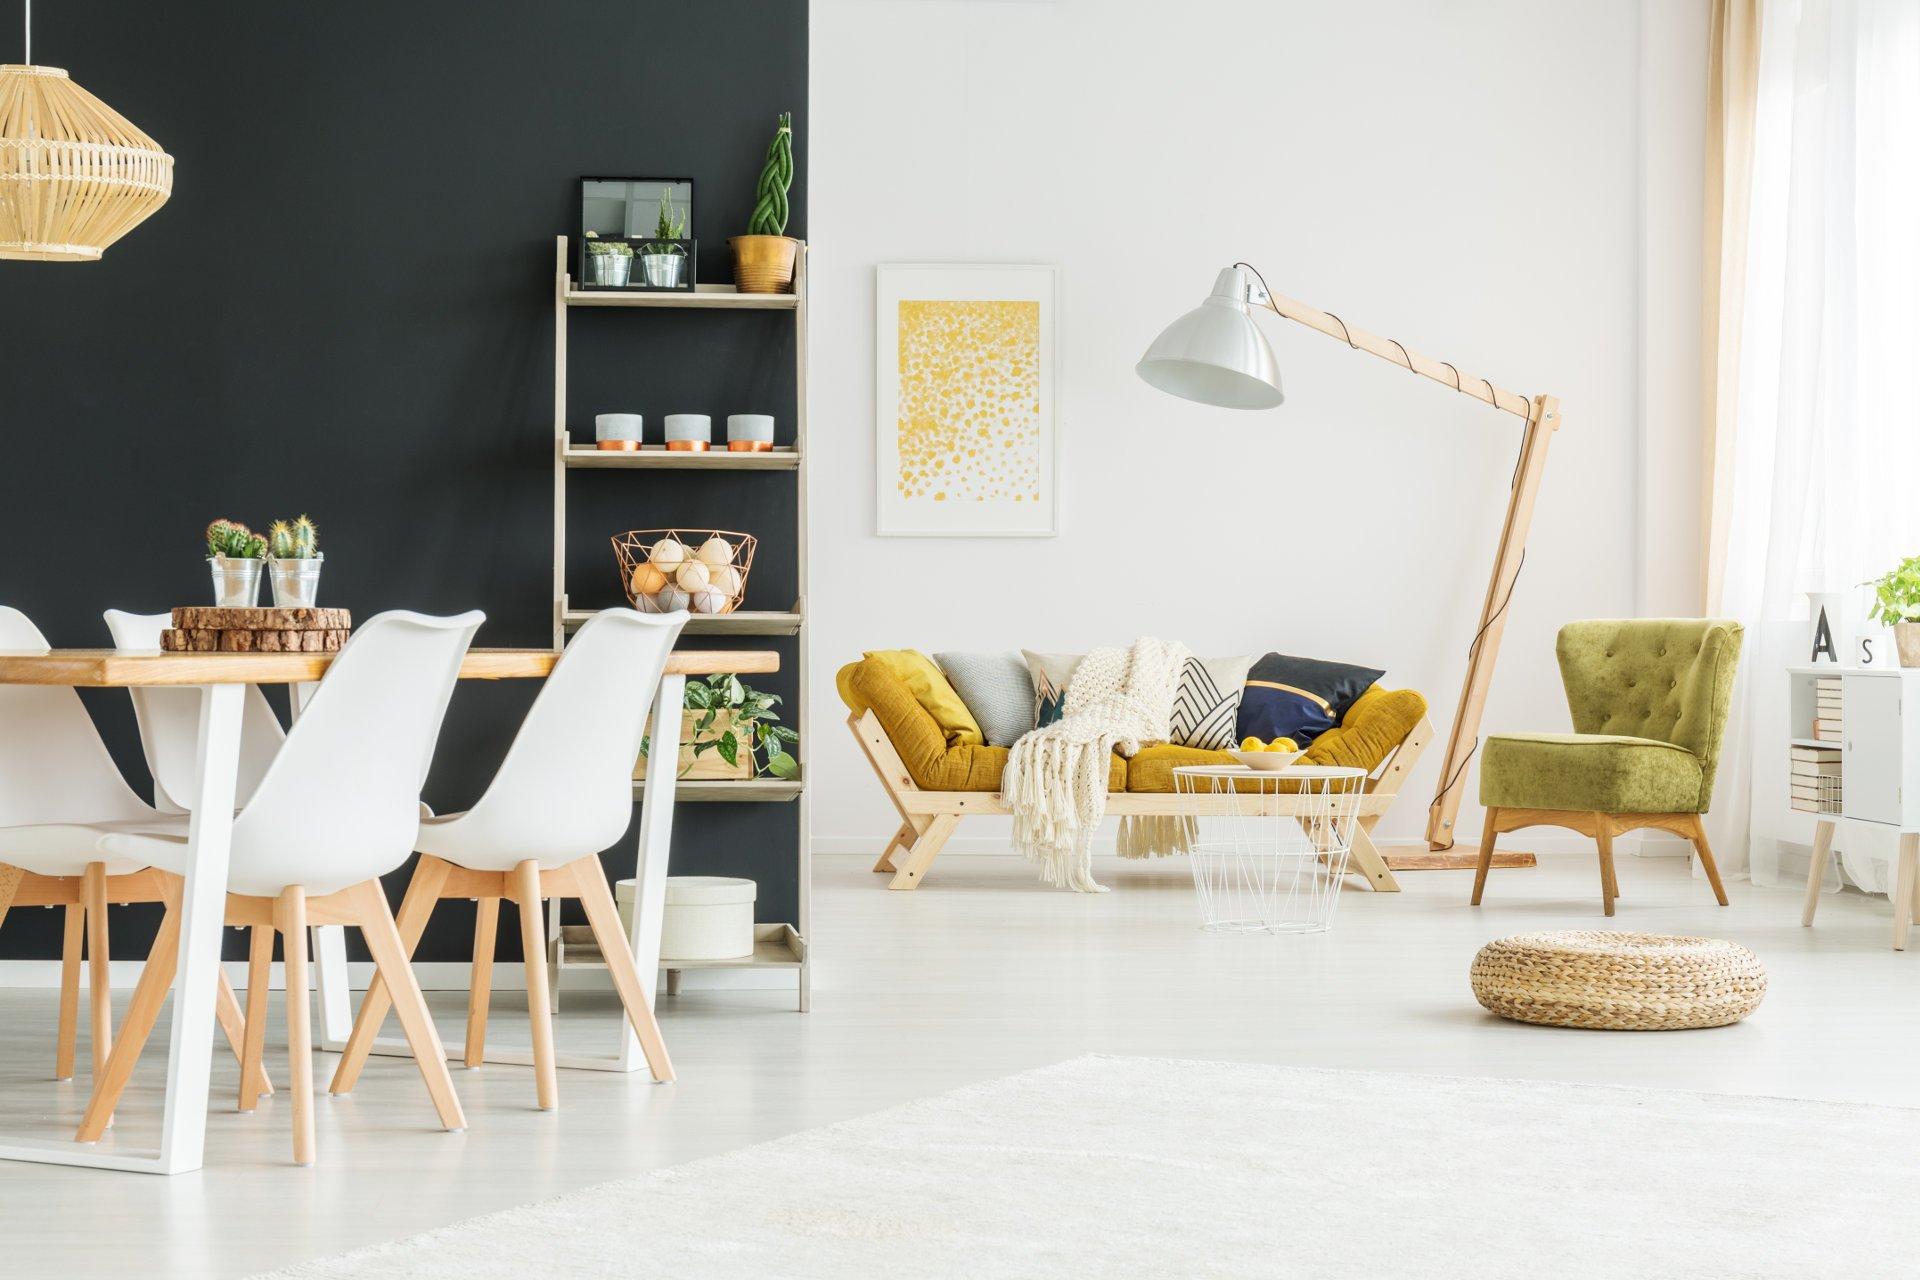 Kolory Do Salonu, styl scandi, skandynawski,żółta kanapa,zielony fotel,farba tablicowa,regał